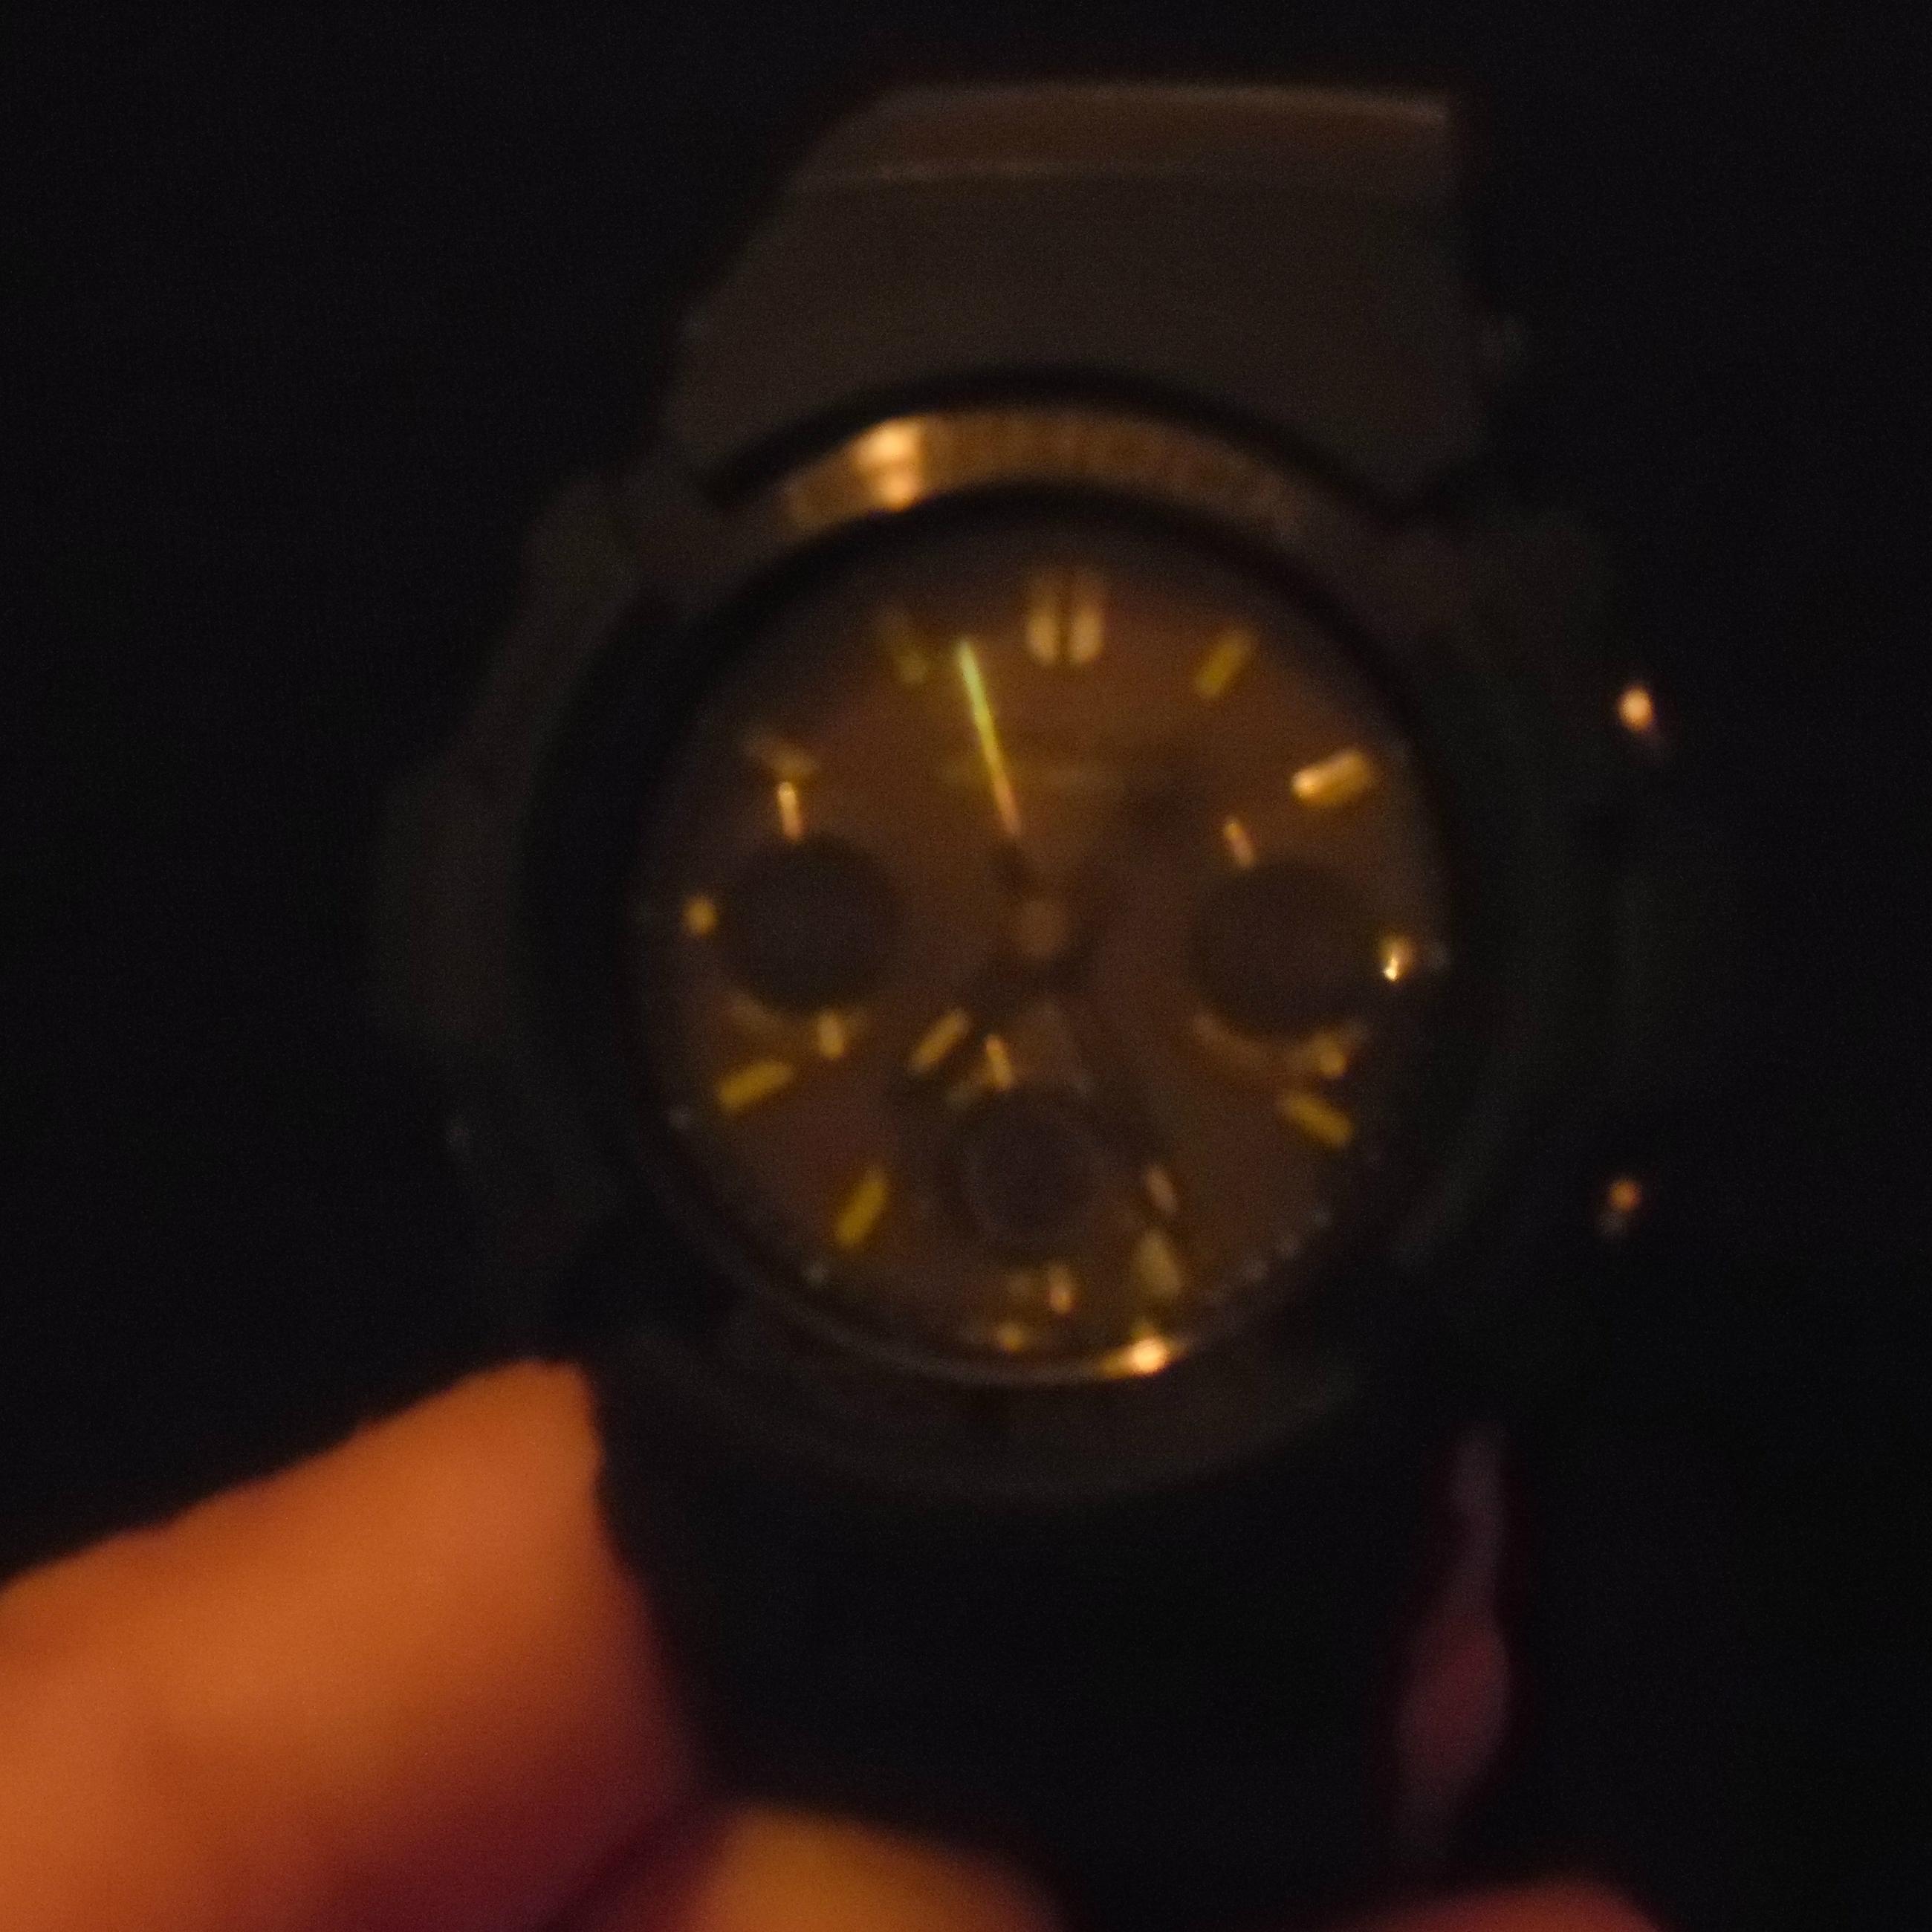 Casio G-Shock - Page 2 Casio_03